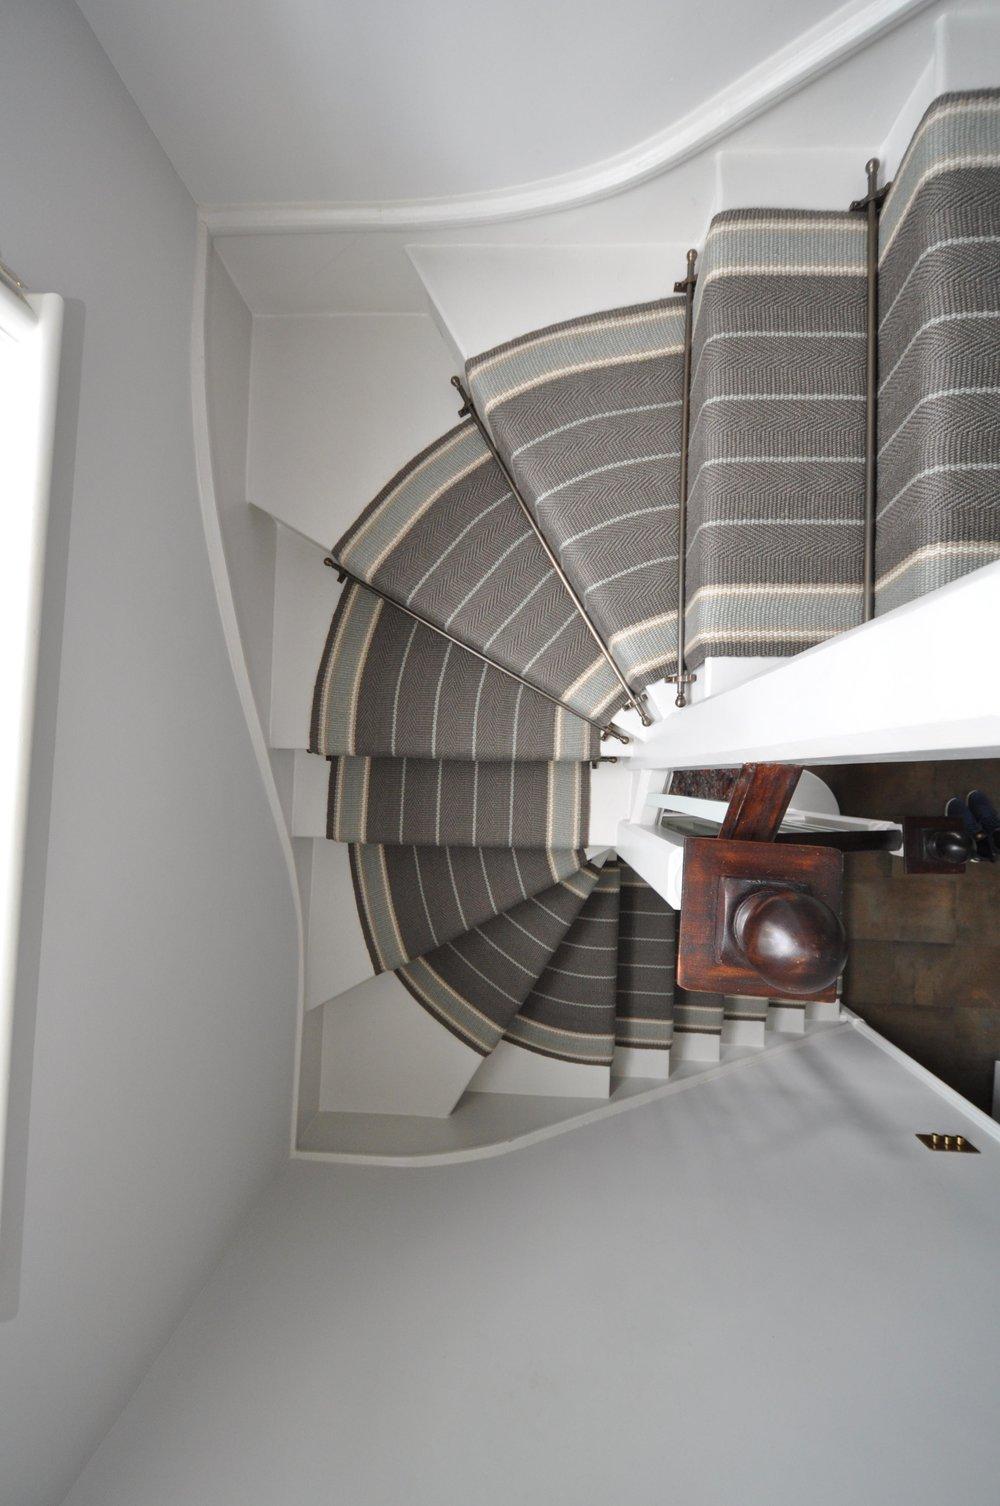 flatweave-stair-runner-london-bowloom-carpet-off-the-loom-DSC_1486.jpg